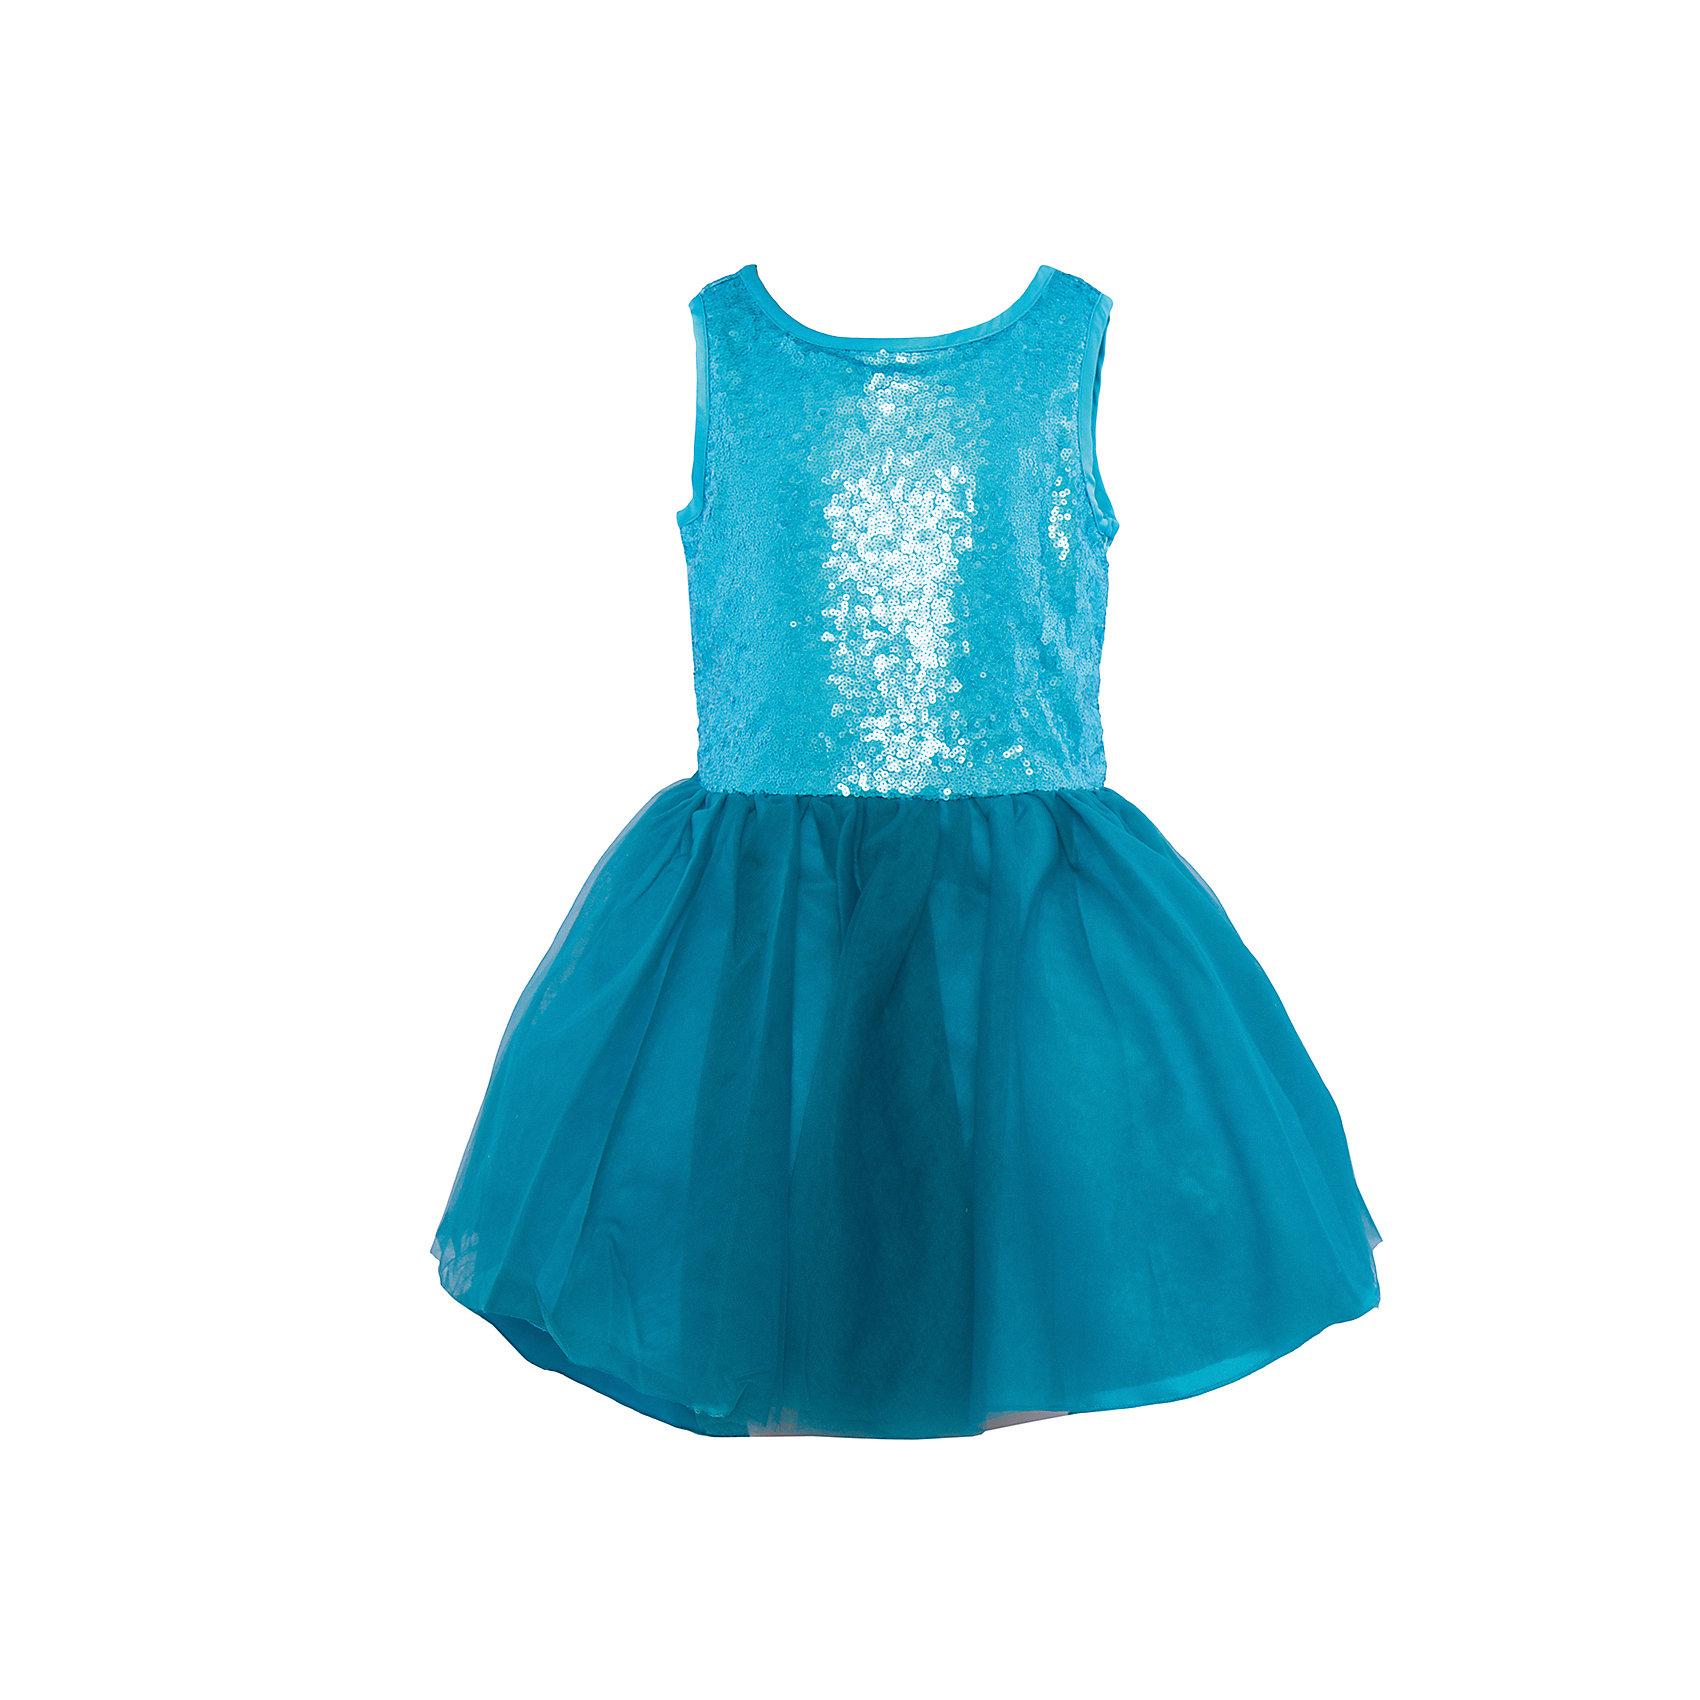 Нарядное платье для девочки Sweet BerryОдежда<br>Характеристики:<br><br>• Вид одежды: платье<br>• Предназначение: для праздника, торжеств<br>• Сезон: круглый год<br>• Материал: верх – 100% полиэстер; подкладка – 100% хлопок<br>• Цвет: бирюзовый, голубой<br>• Силуэт: классический А-силуэт<br>• Длина платья: миди<br>• Стиль юбки: пачка<br>• Вырез горловины: круглый<br>• Застежка: молния на спинке<br>• Особенности ухода: ручная стирка без применения отбеливающих средств, глажение при низкой температуре <br><br>Sweet Berry – это производитель, который сочетает в своей одежде функциональность, качество, стиль и следование современным мировым тенденциям в детской текстильной индустрии. <br>Стильное платье для девочки от знаменитого производителя детской одежды Sweet Berry выполнено из полиэстера с хлопковой подкладкой. Изделие имеет классический силуэт с отрезной талией и многослойную юбку-пачку со шлейфом. Пышность и объем юбке придает подъюбник. Полочка оформлена пайетками бирюзового цвета, вырез рукавов и горловины обработаны атласной лентой. Праздничное платье от Sweet Berry – это залог успеха вашего ребенка на любом торжестве!<br><br>Платье для девочки Sweet Berry можно купить в нашем интернет-магазине.<br><br>Ширина мм: 236<br>Глубина мм: 16<br>Высота мм: 184<br>Вес г: 177<br>Цвет: голубой<br>Возраст от месяцев: 36<br>Возраст до месяцев: 48<br>Пол: Женский<br>Возраст: Детский<br>Размер: 98,104,110,116,122,128<br>SKU: 5052161